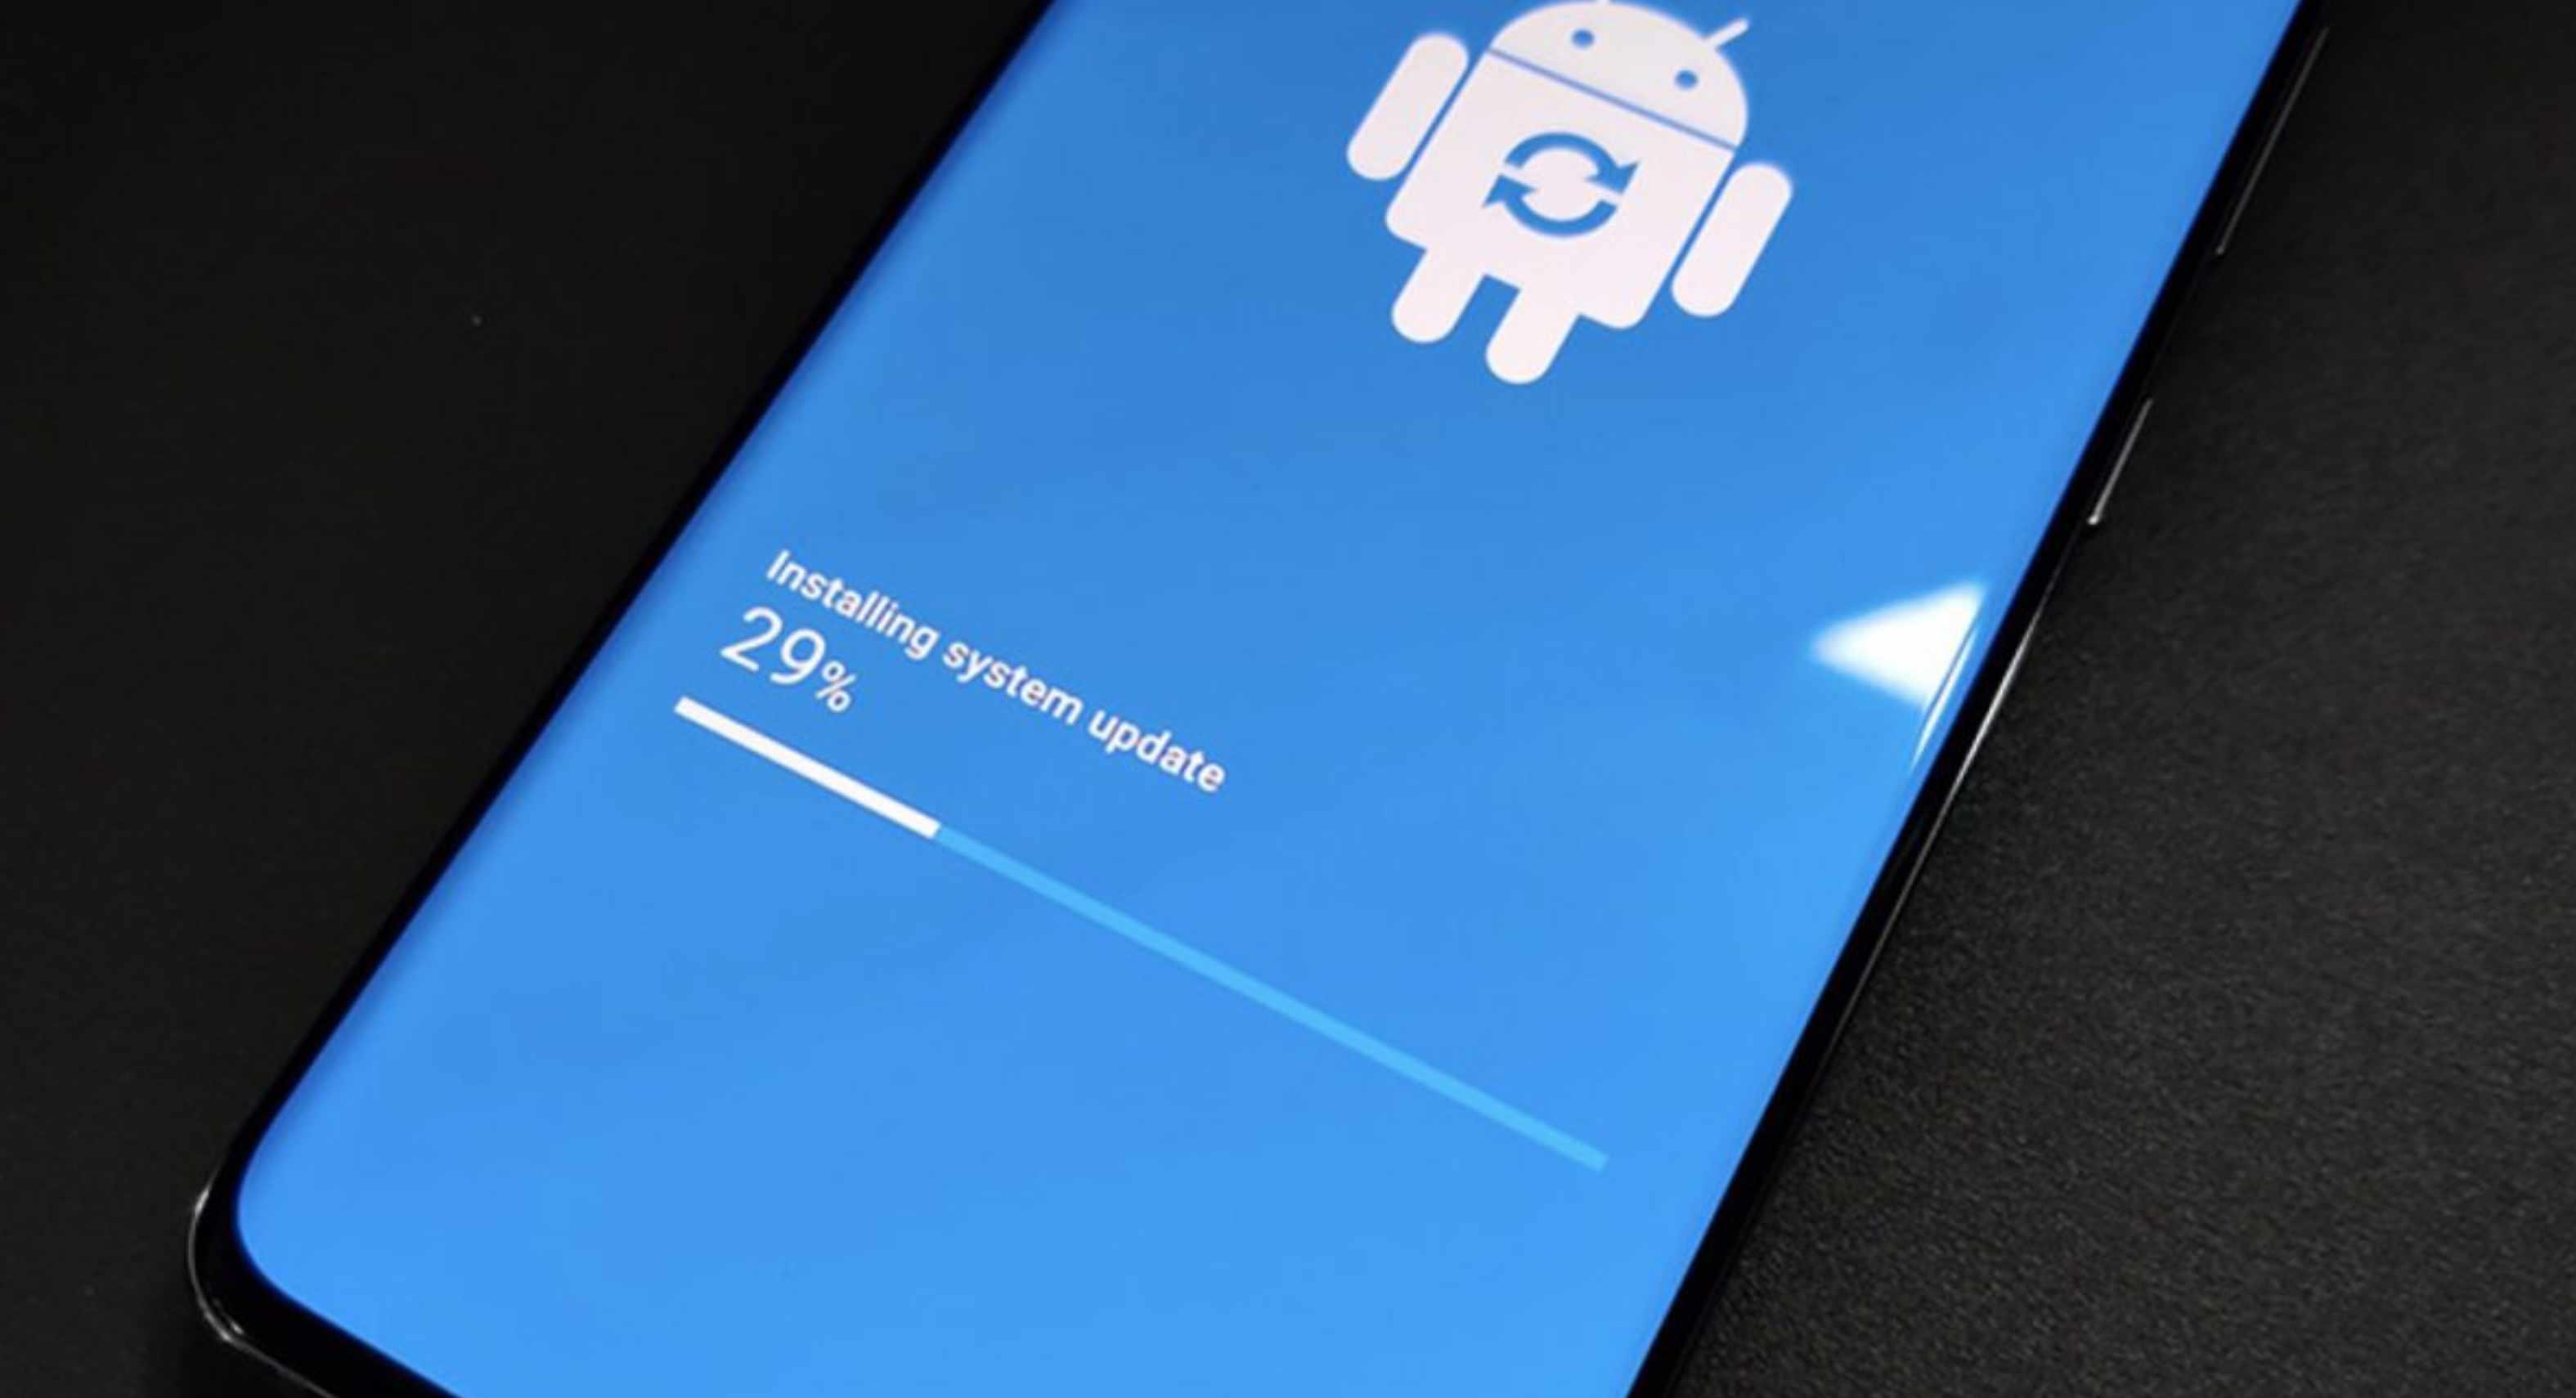 virus disfrazado de actualización del sistema podría vulnerar tus archivos en android